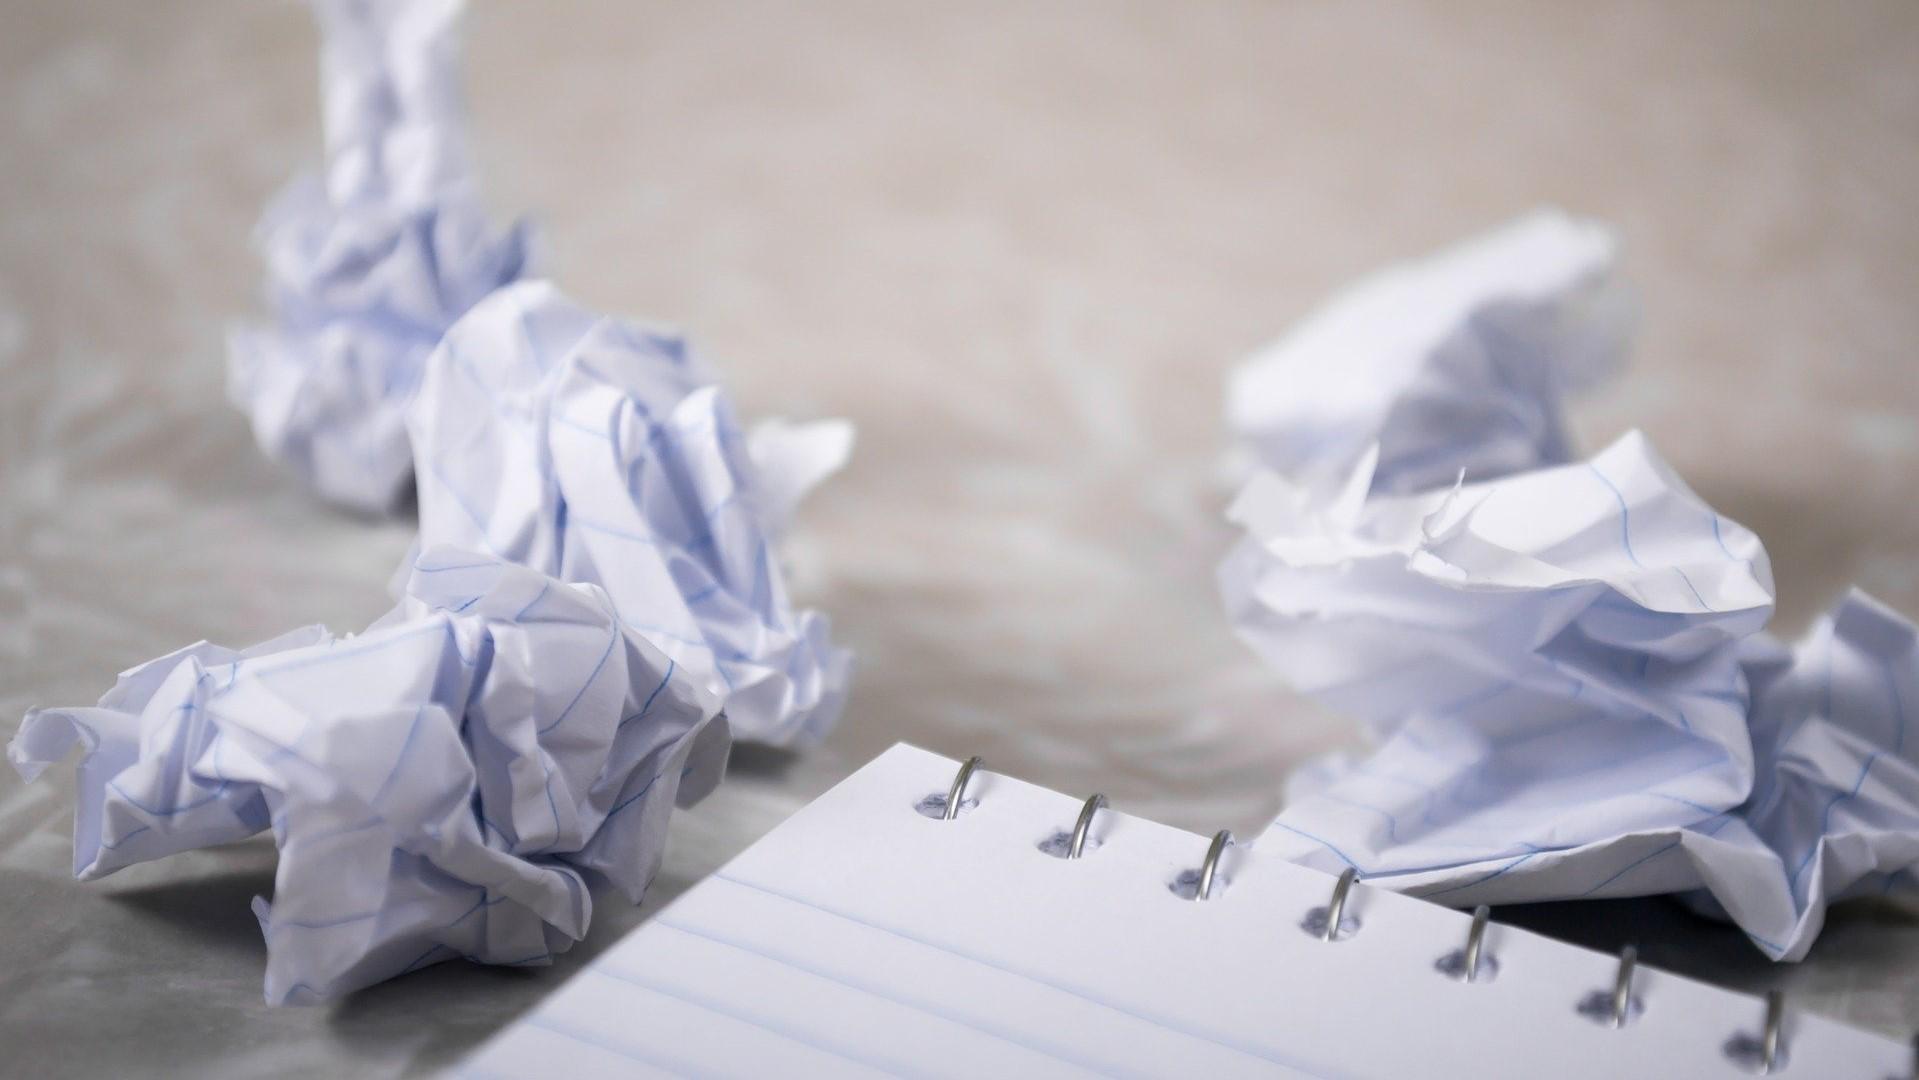 挑戦する前に絶対やるべきことは『捨てる』こと